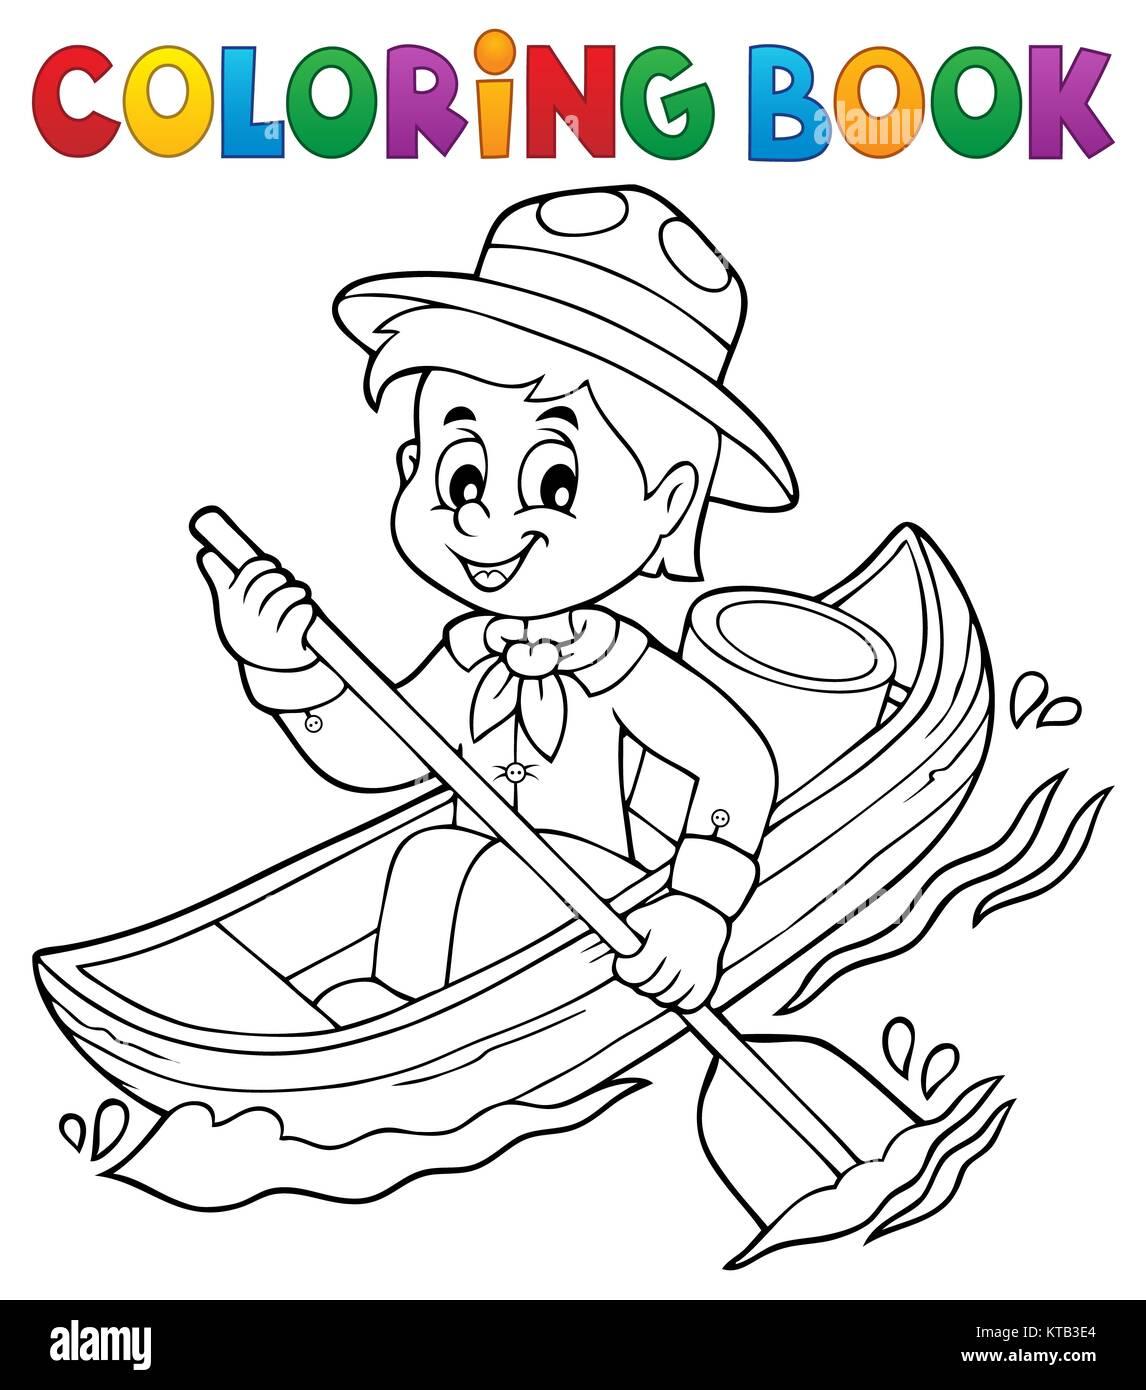 Boy Scout Book Imágenes De Stock & Boy Scout Book Fotos De Stock - Alamy